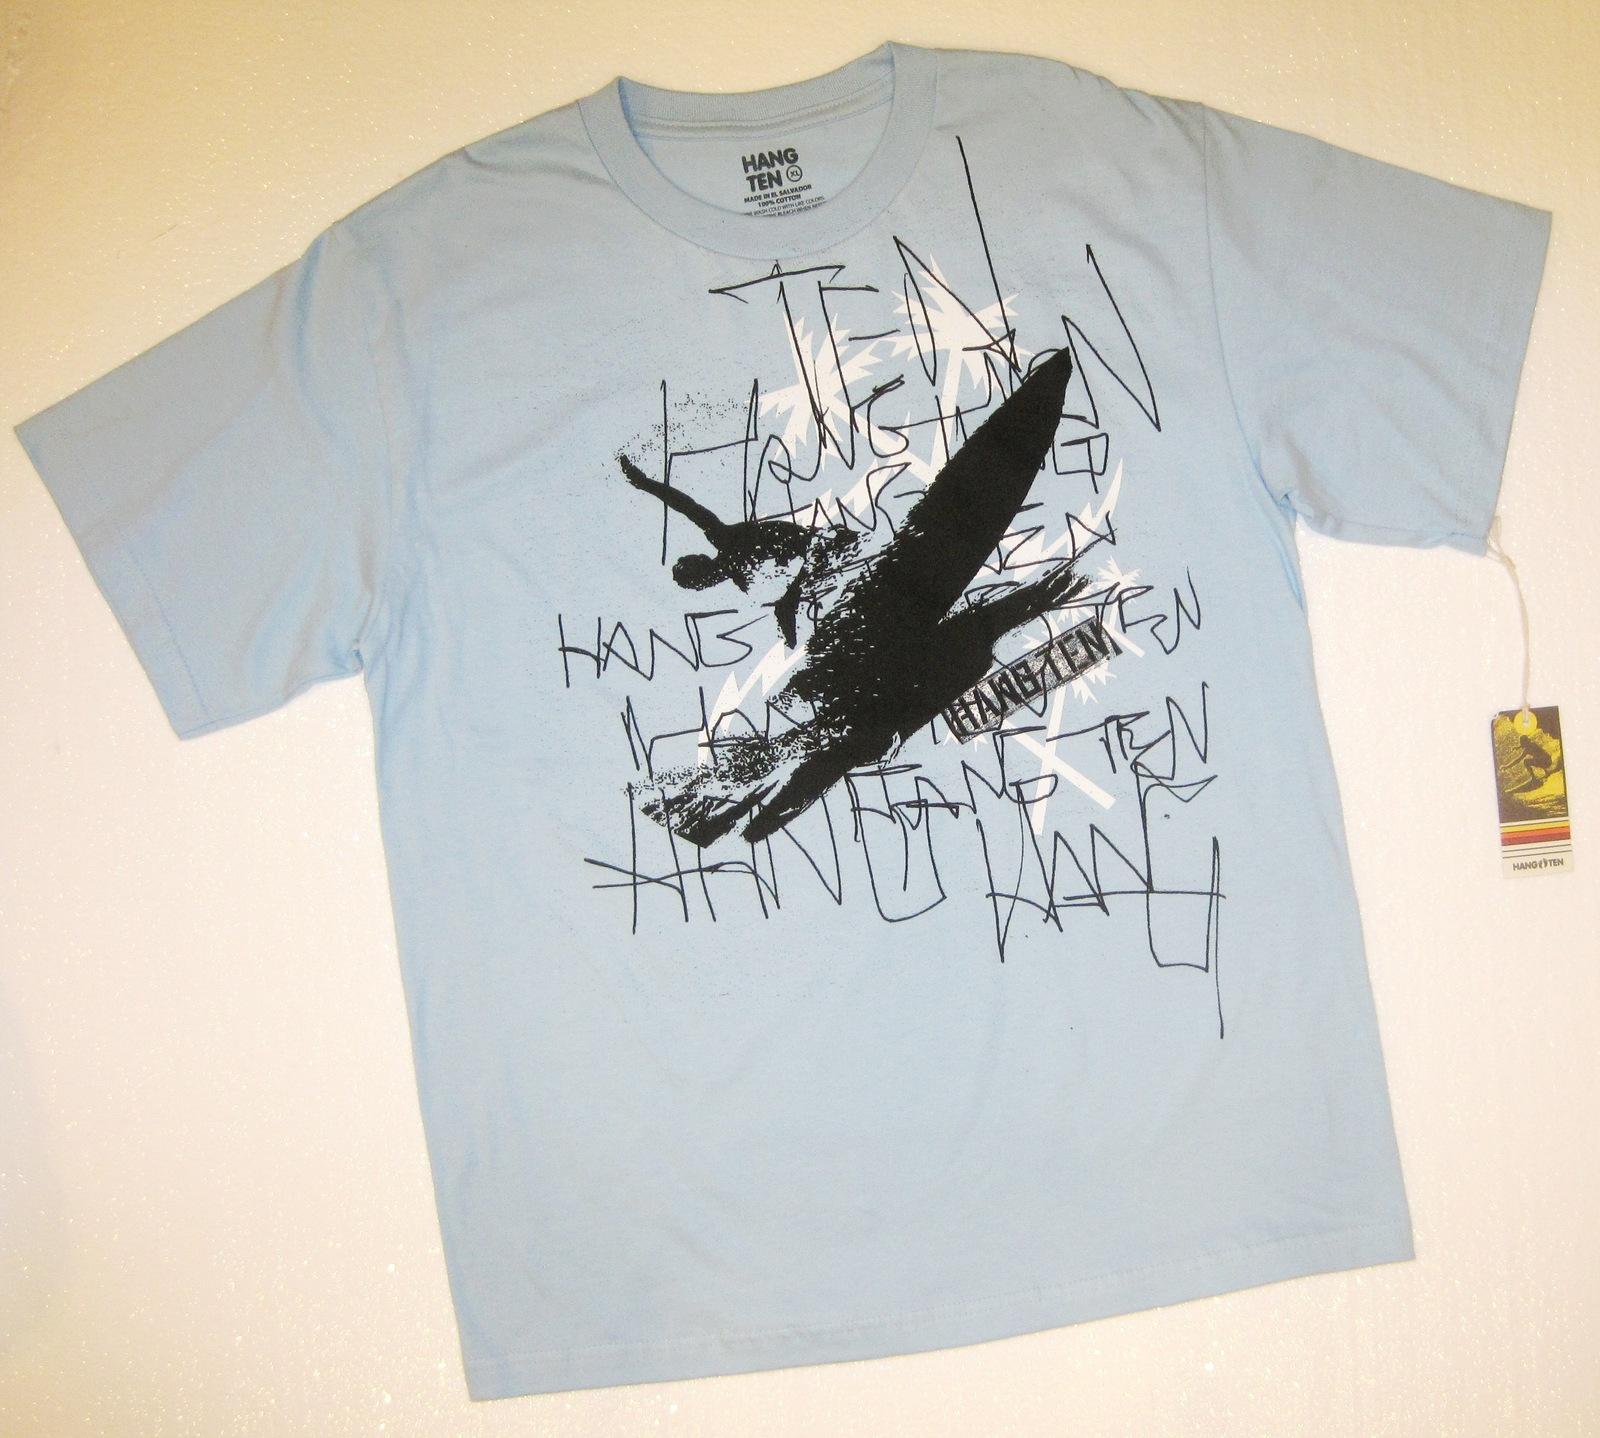 Hang ten outta sight surfing t shirt  1